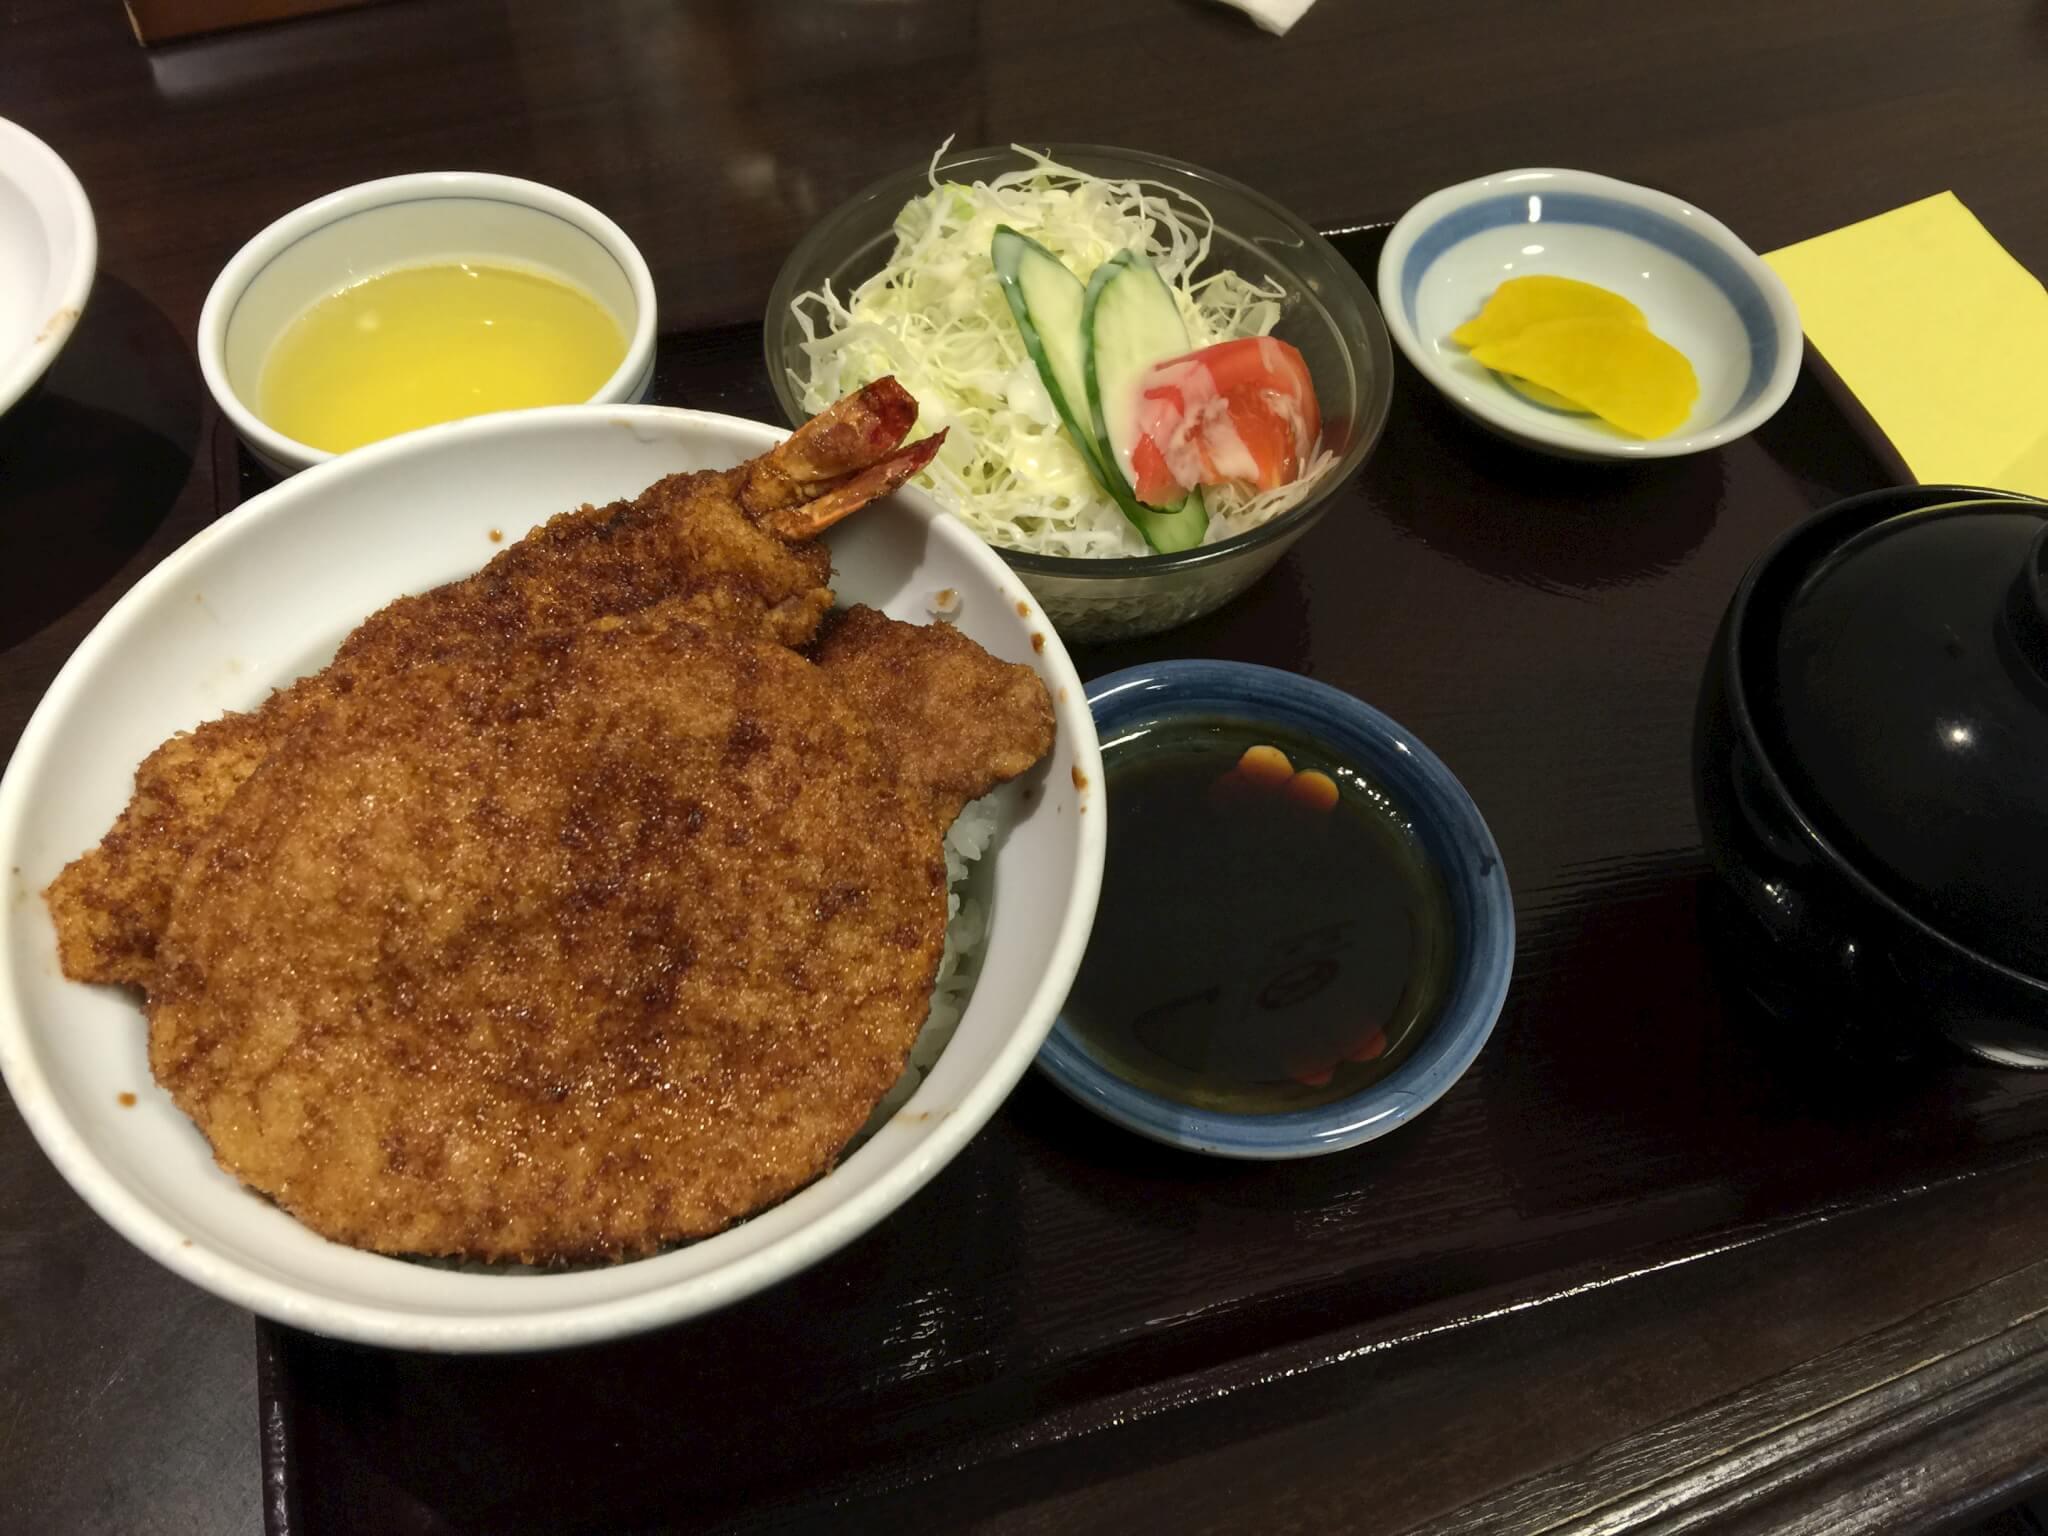 福井ヨーロッパ軒ソースカツ丼のセット